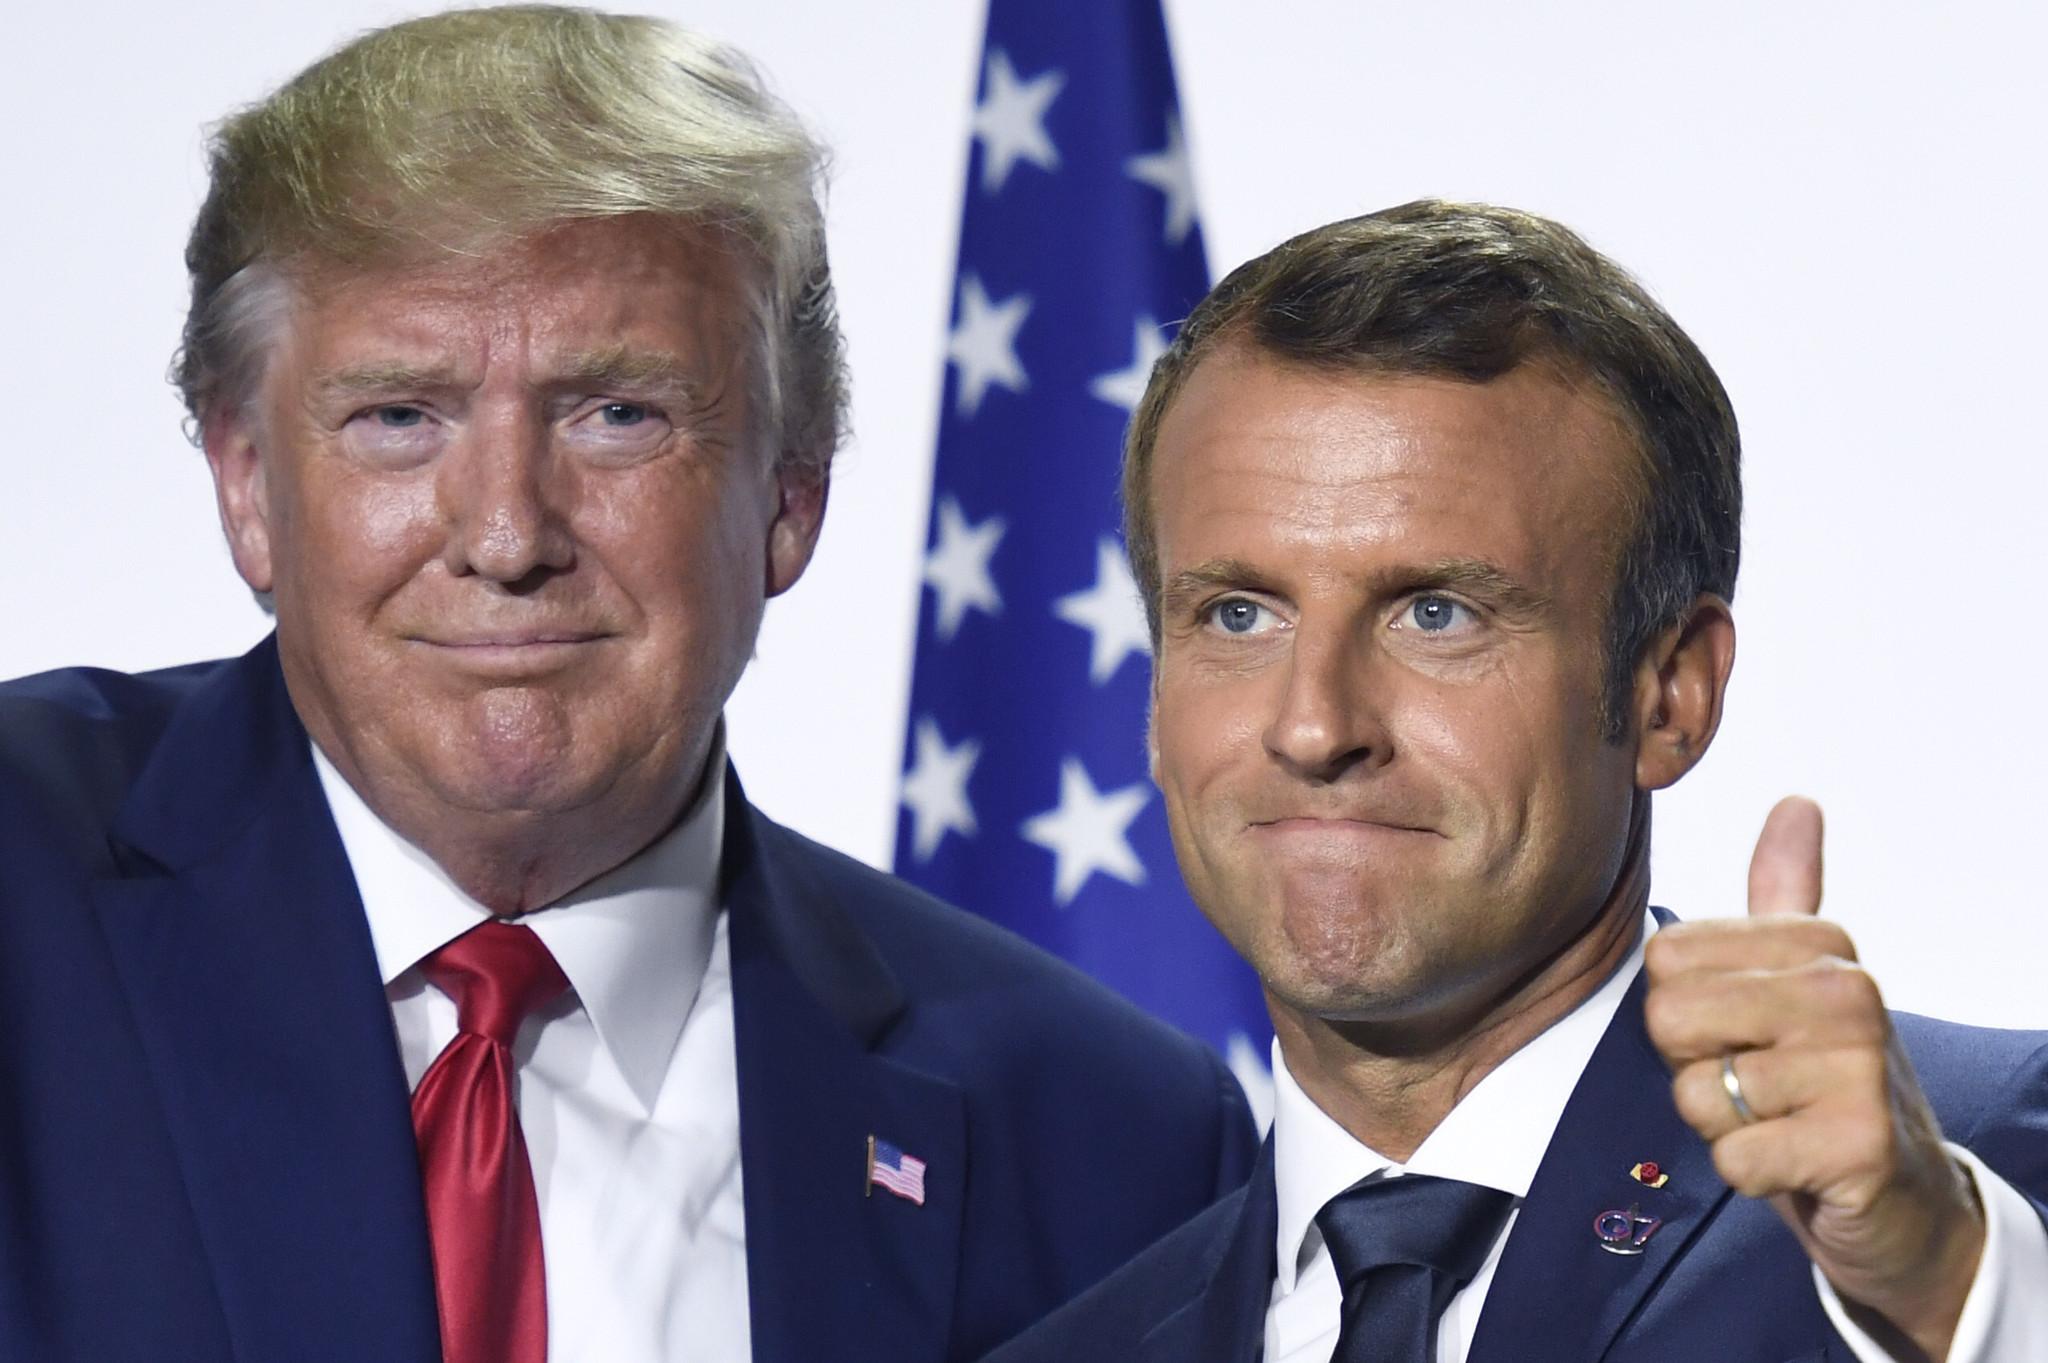 Trump snipes at 'nasty' Emmanuel Macron as NATO summit kicks off